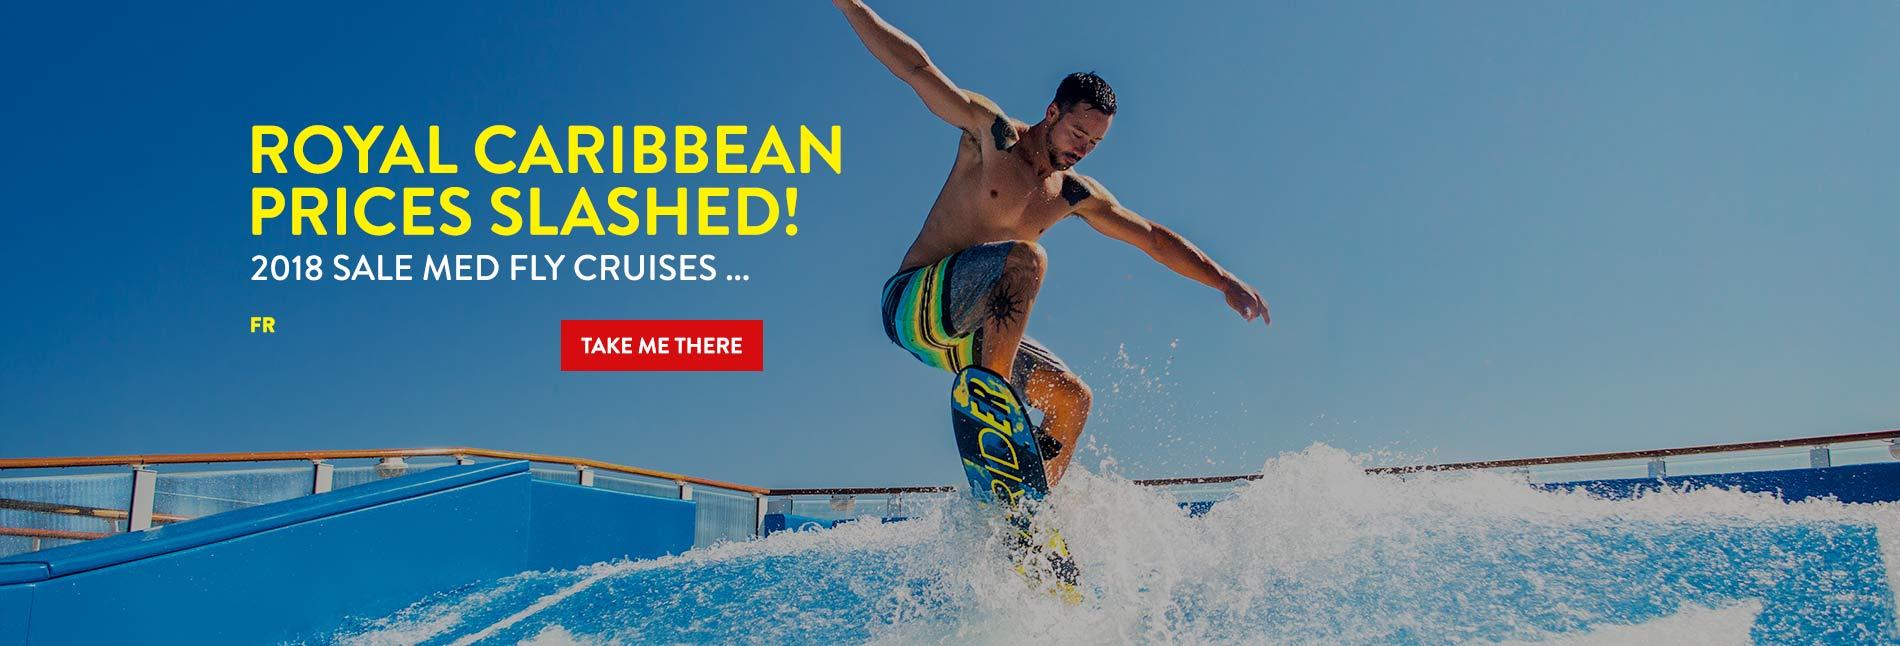 Norwegian Star Cruise Deals